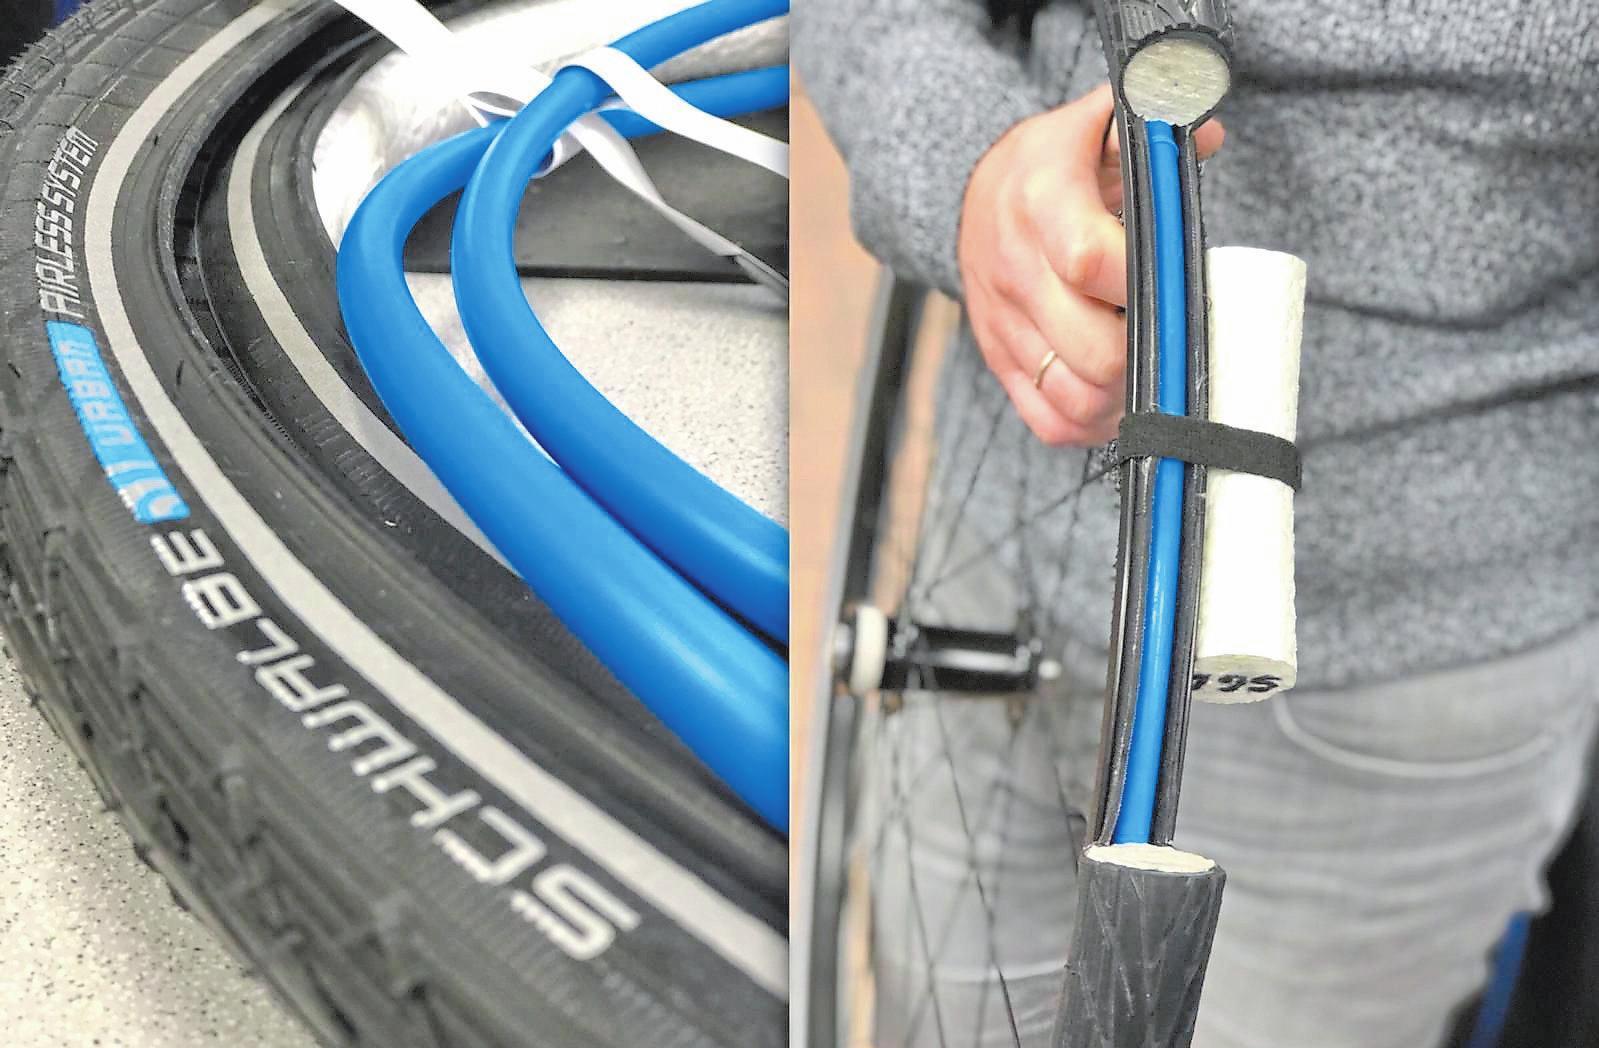 Das Schwalbe Airless System funktioniert ohne Luft und garantiert einen gleichbleibenden Reifendruck.